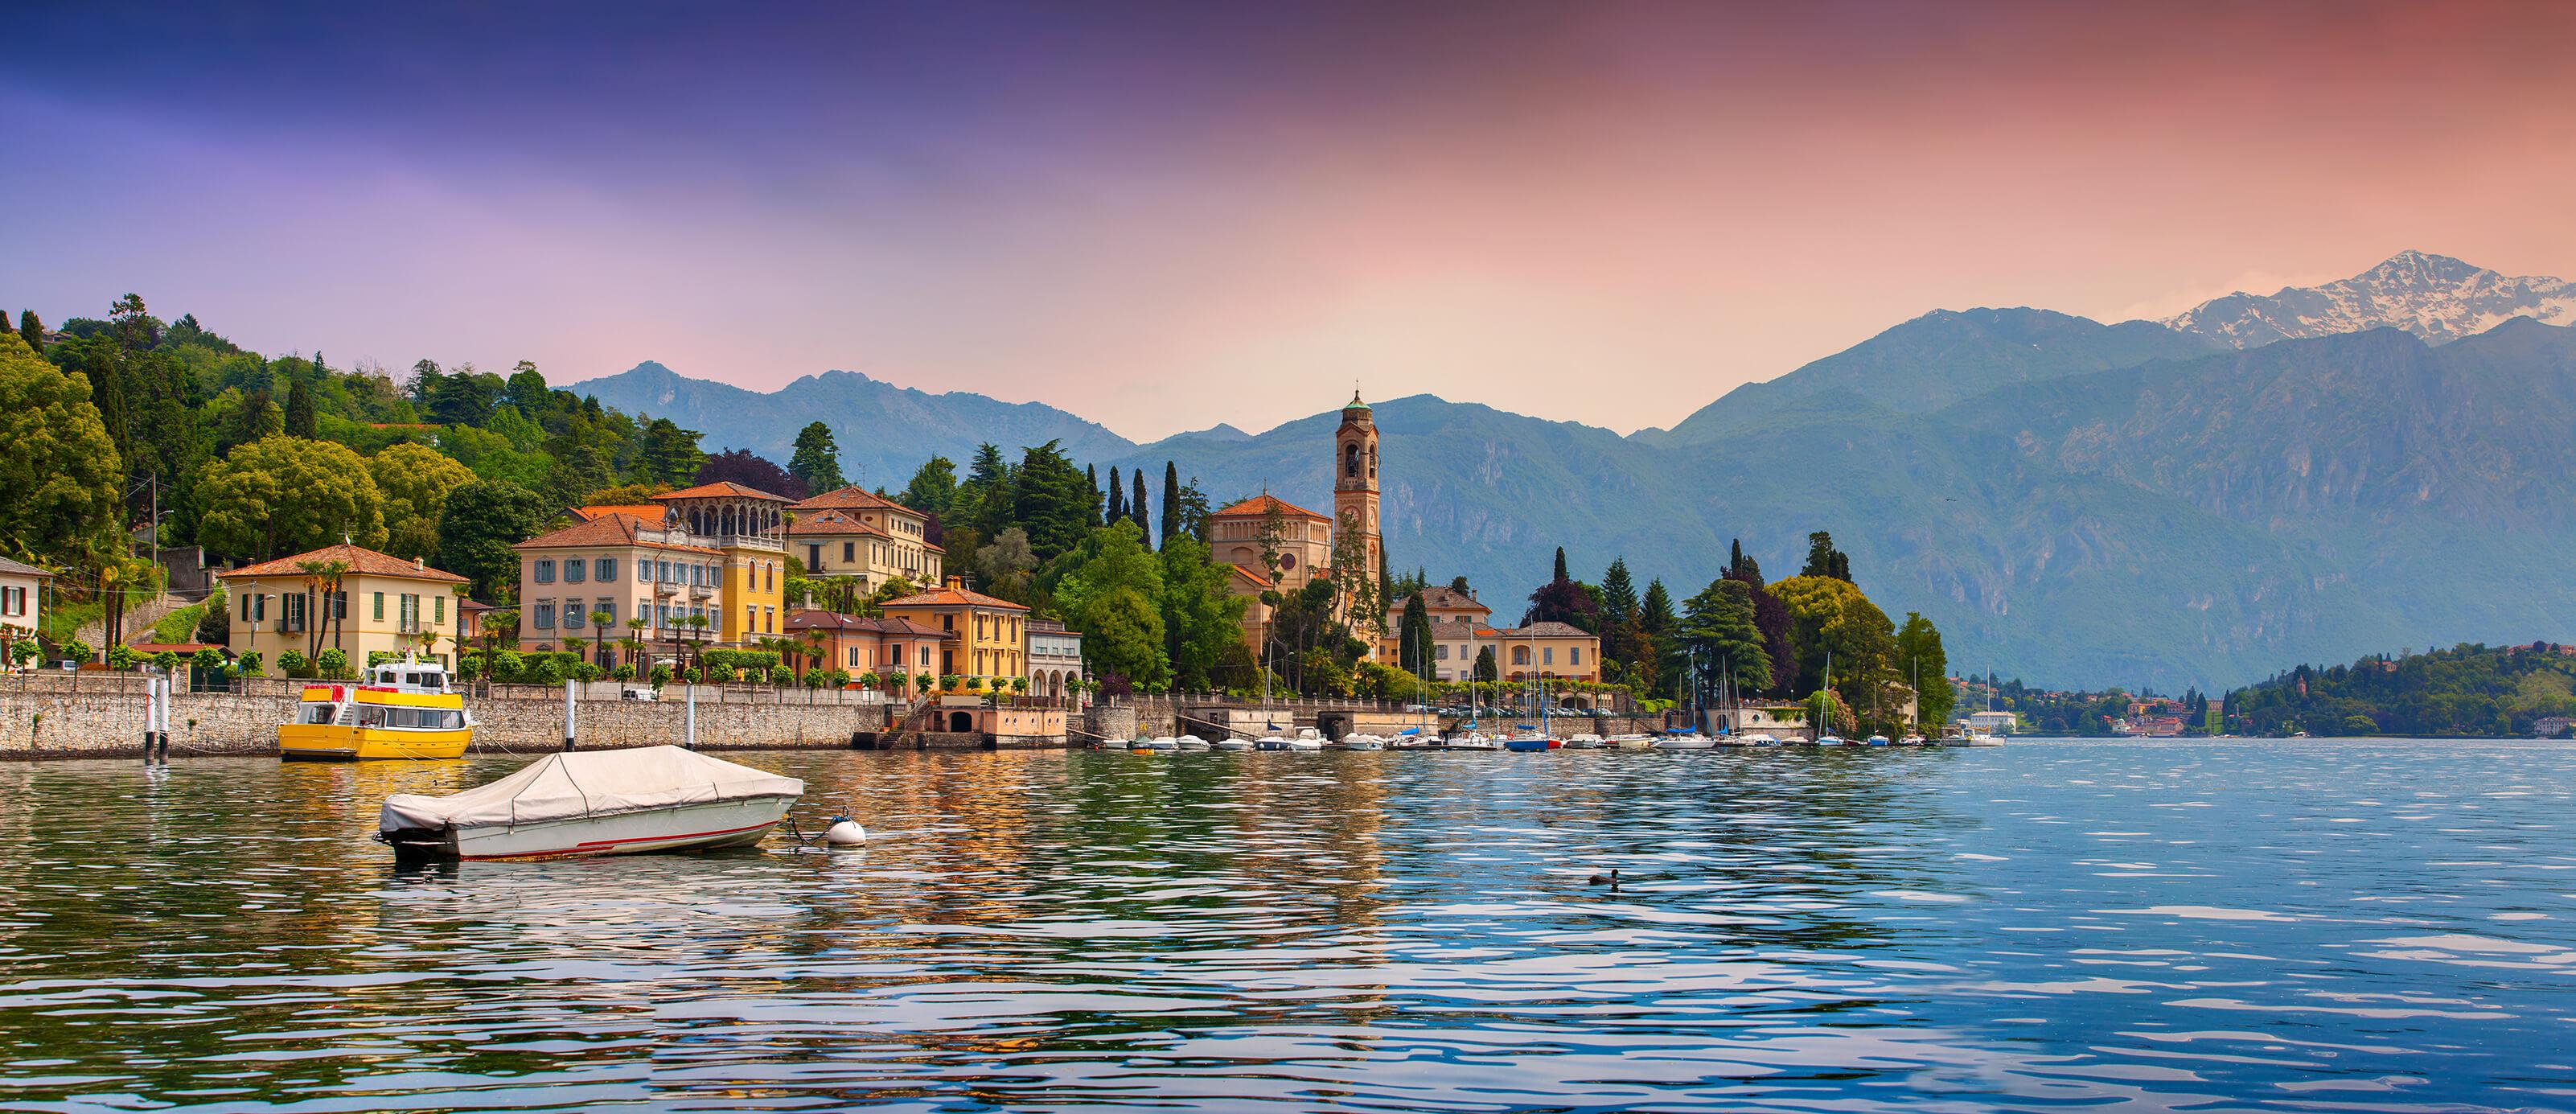 Milan Airport To Lake Como By Car